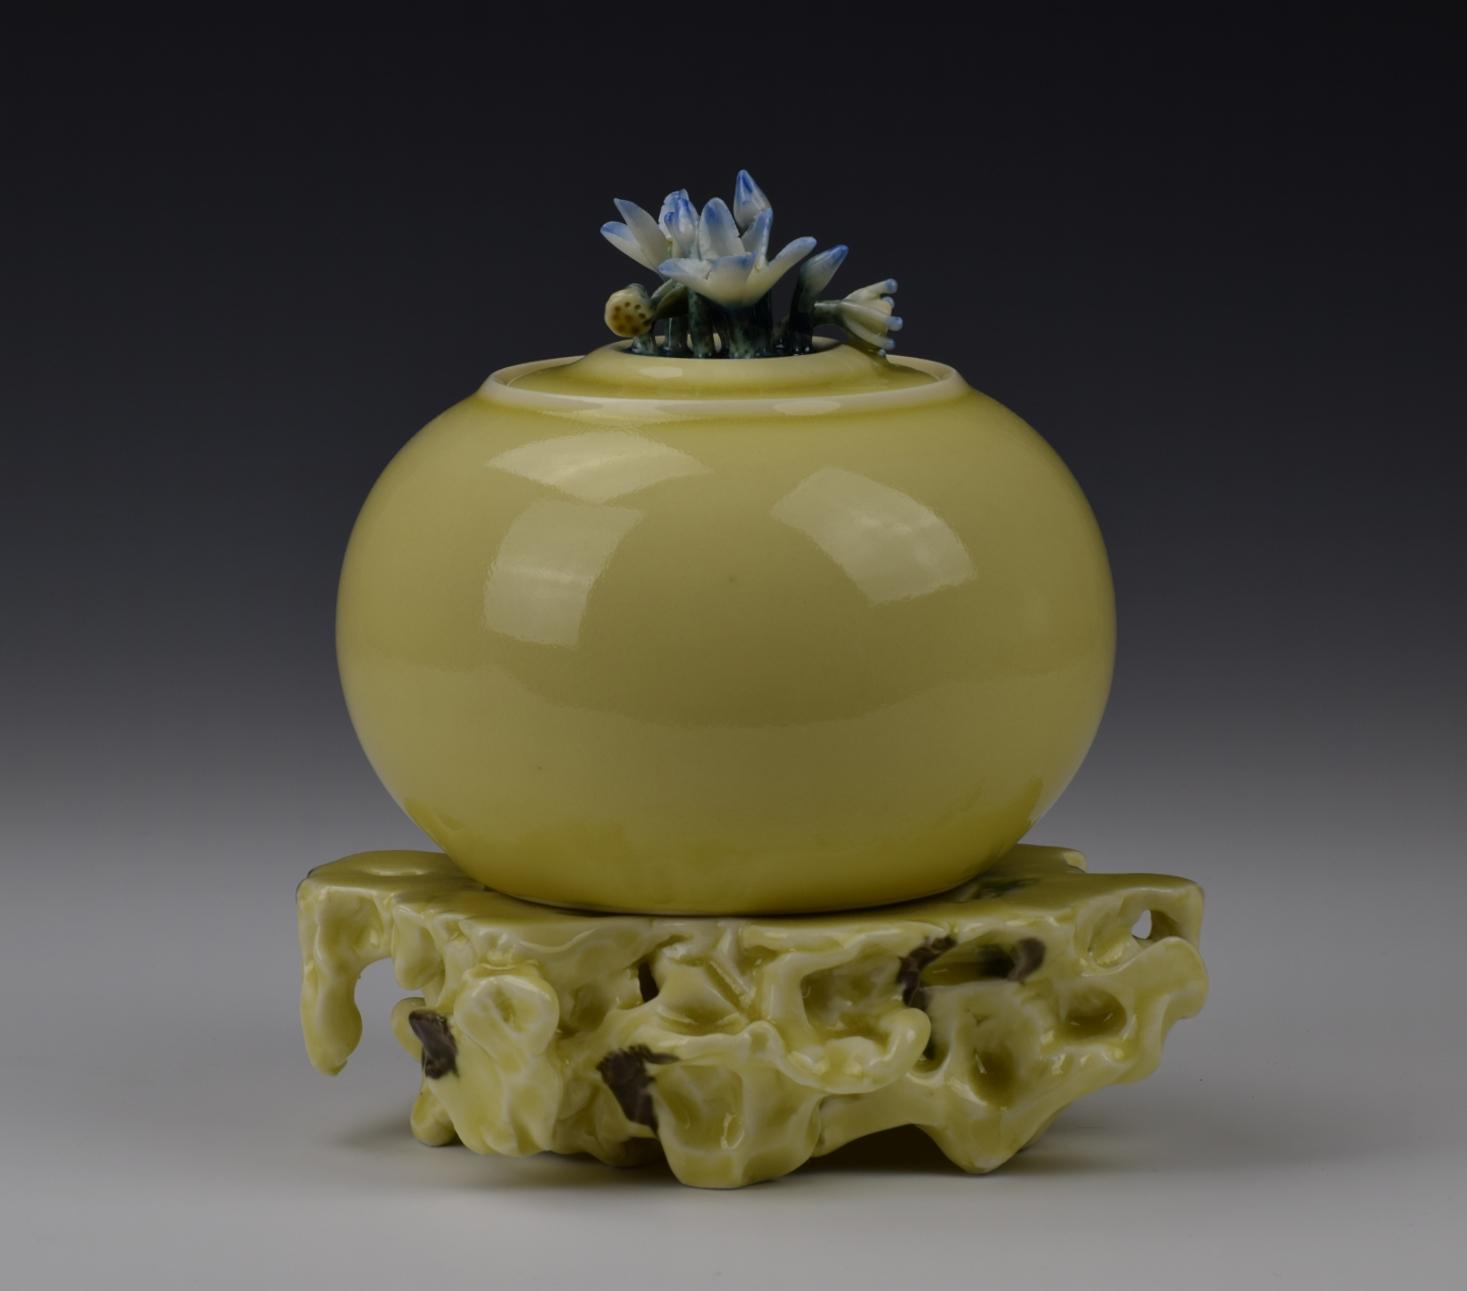 #3 Blue Lotus